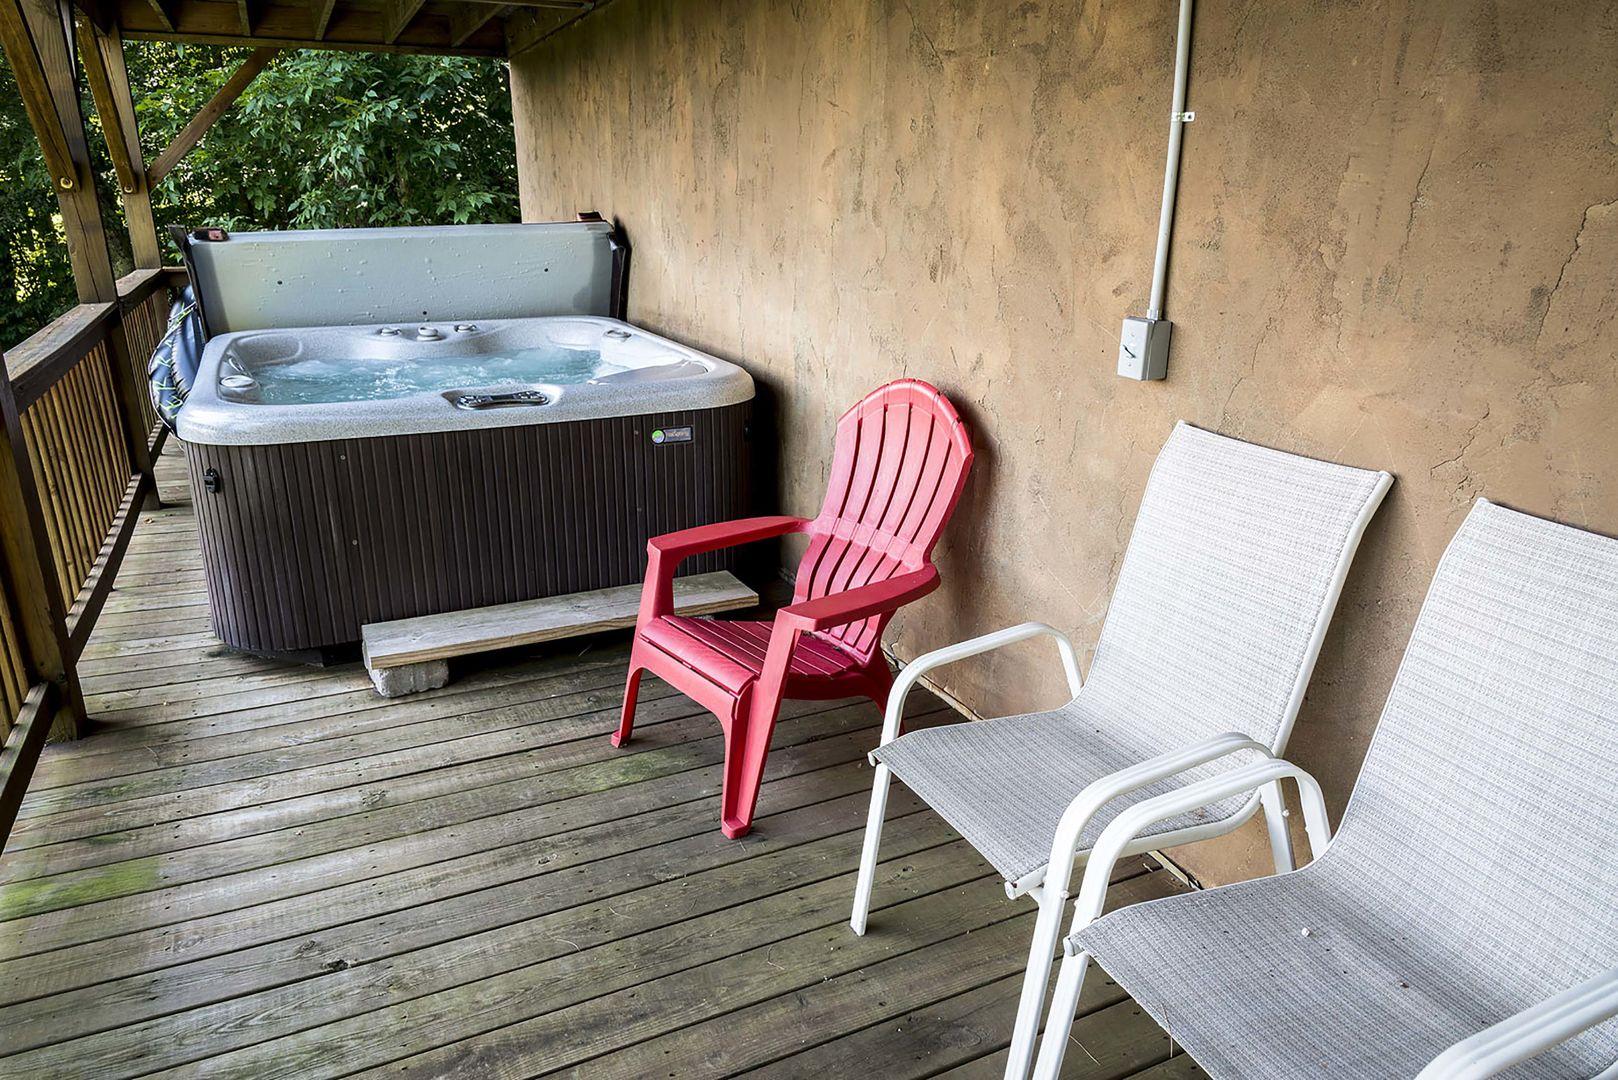 Hot tub on bottom deck